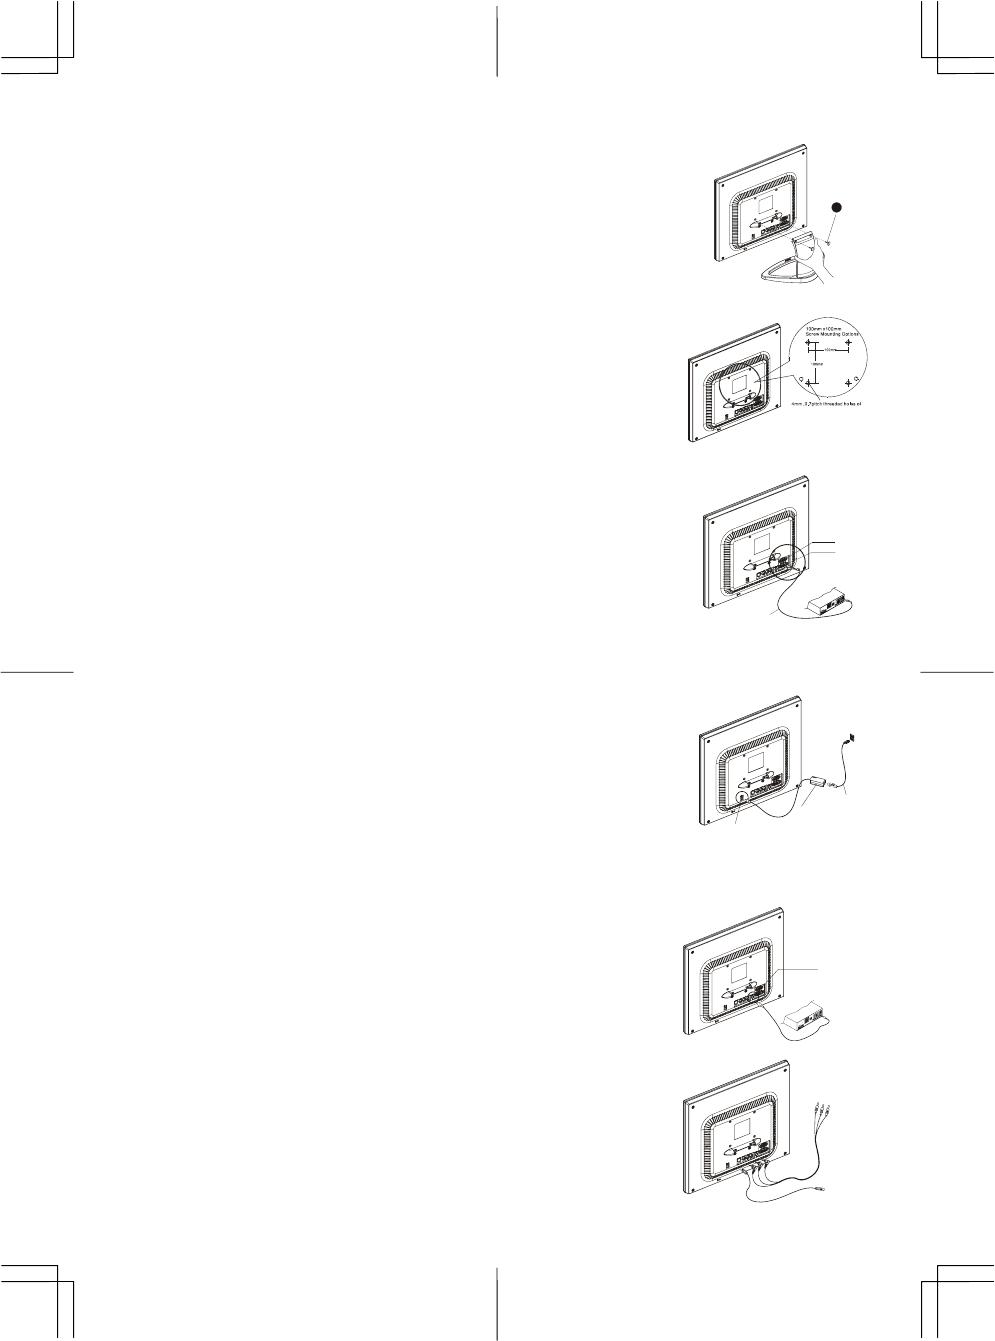 Acer Al1931 Users Manual Userguide_E